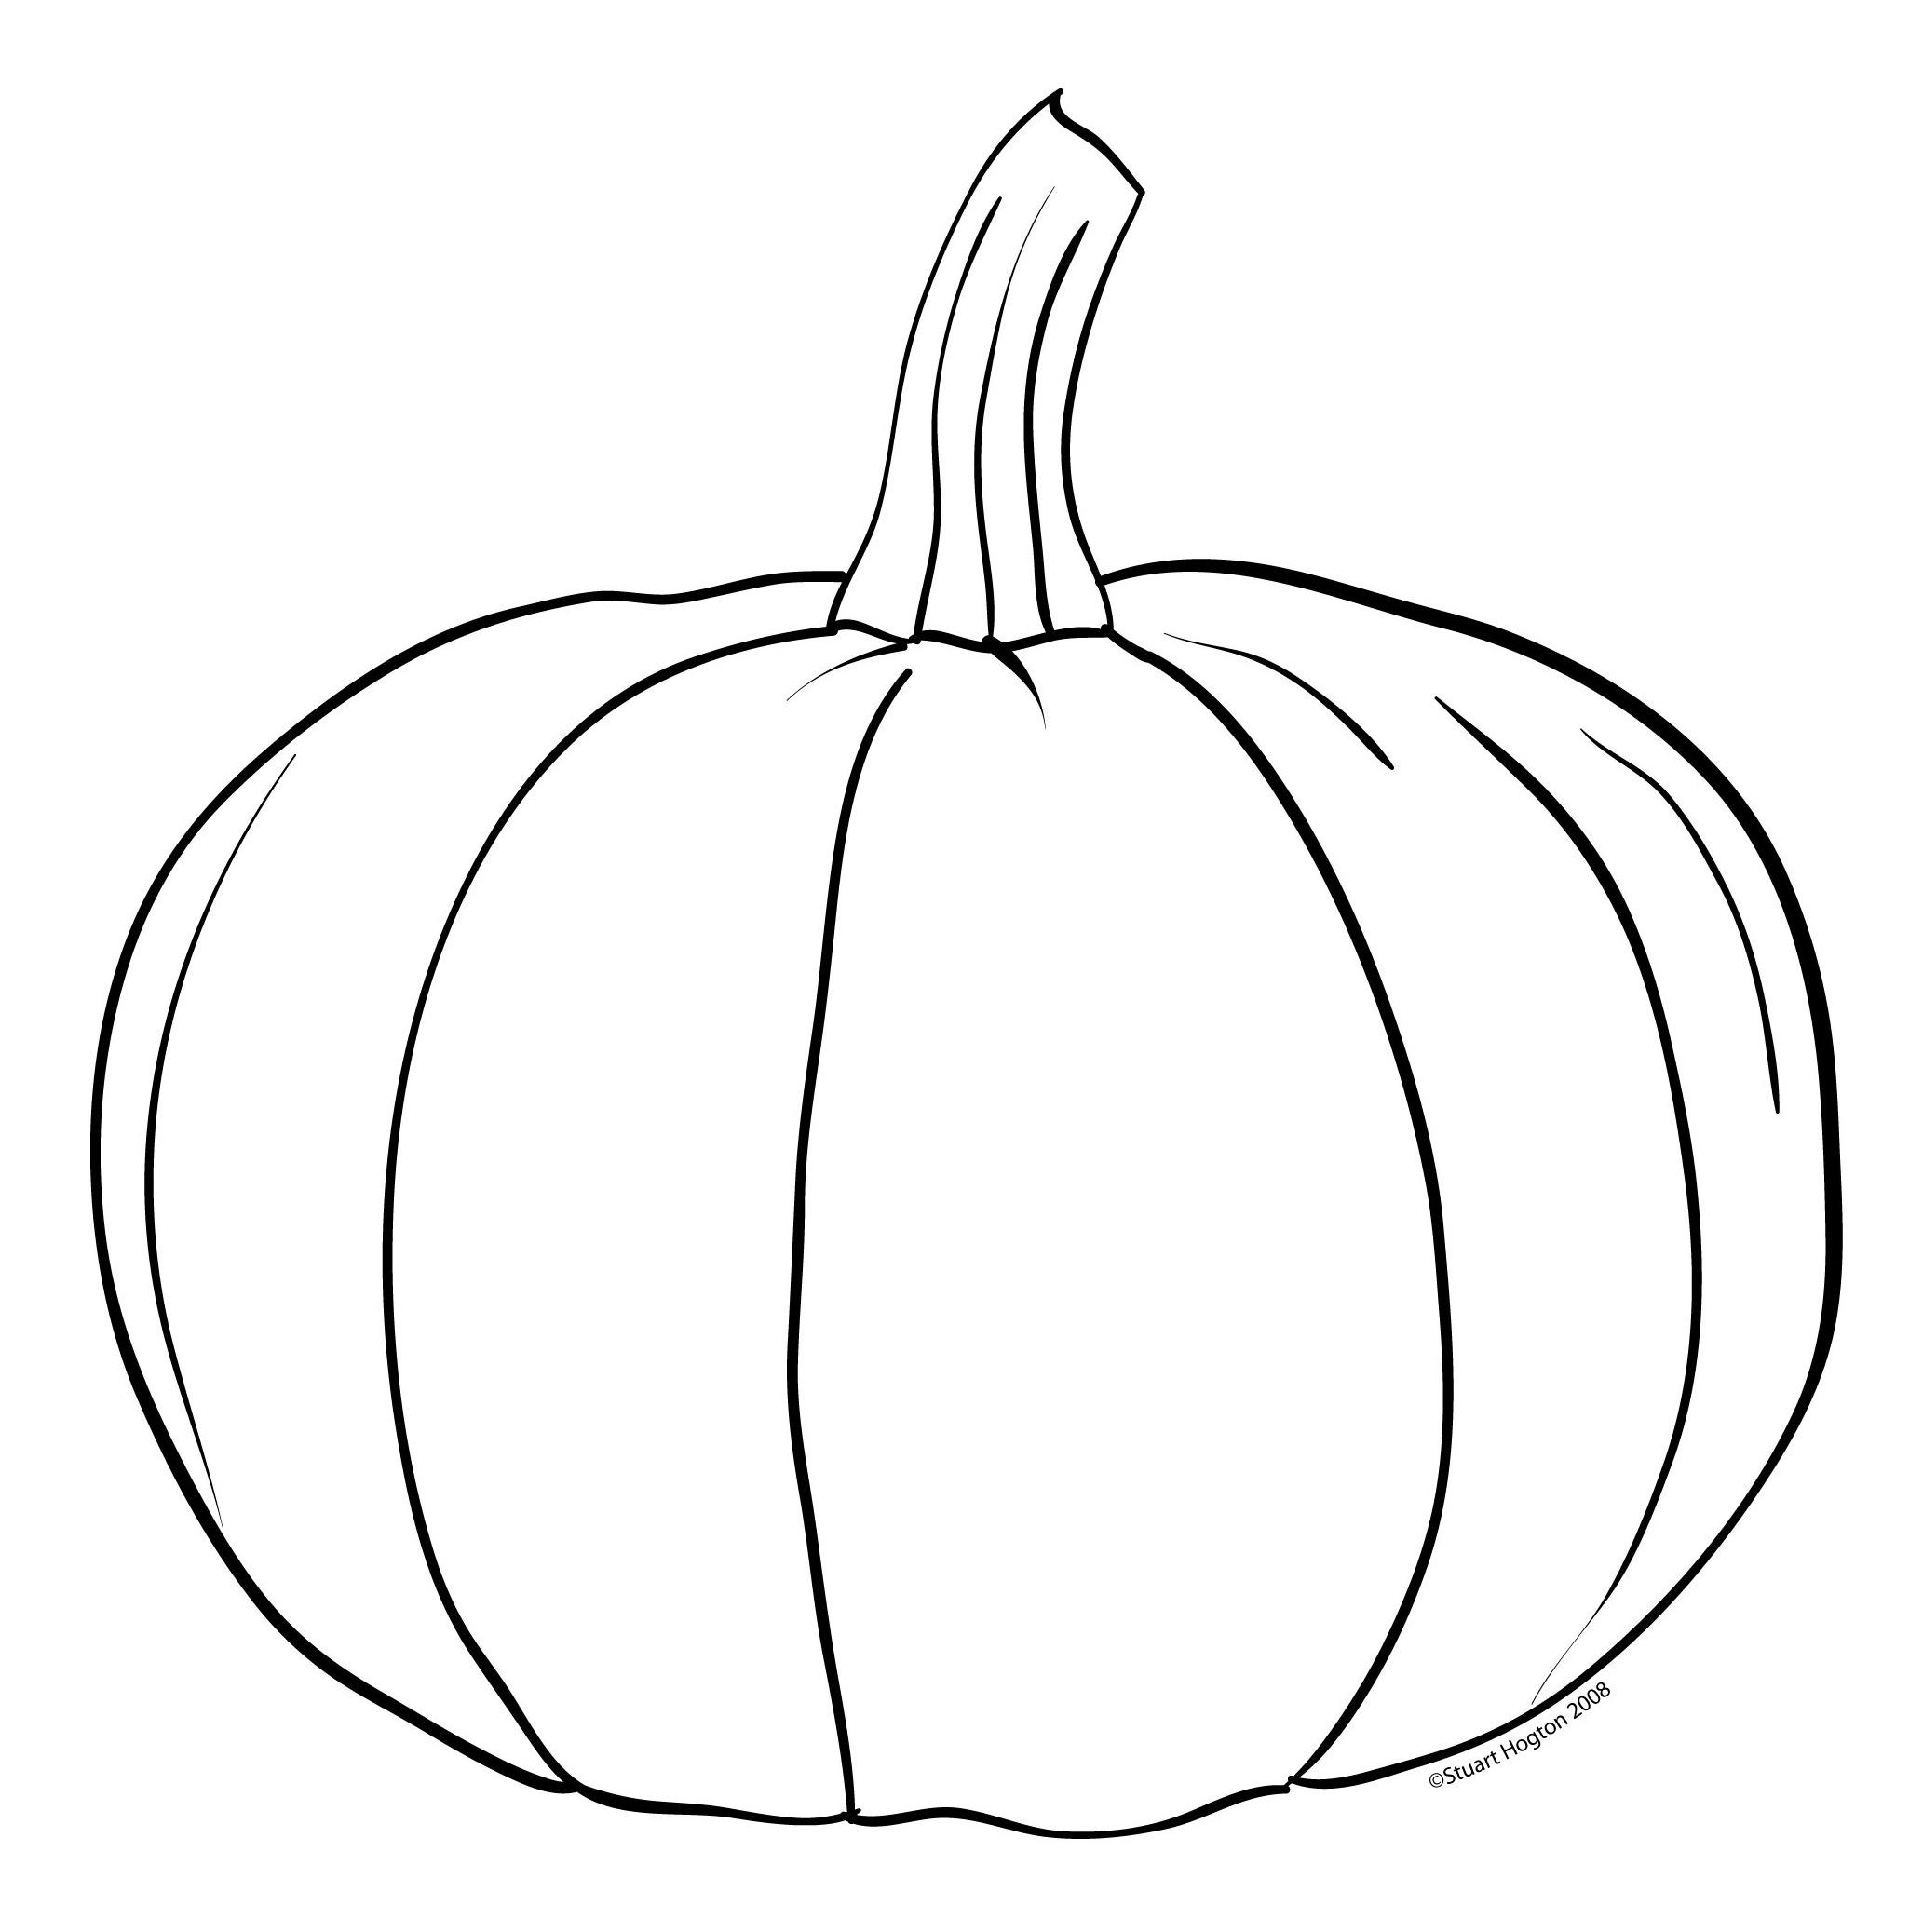 Big clipart pumpkin, Big pumpkin Transparent FREE for.